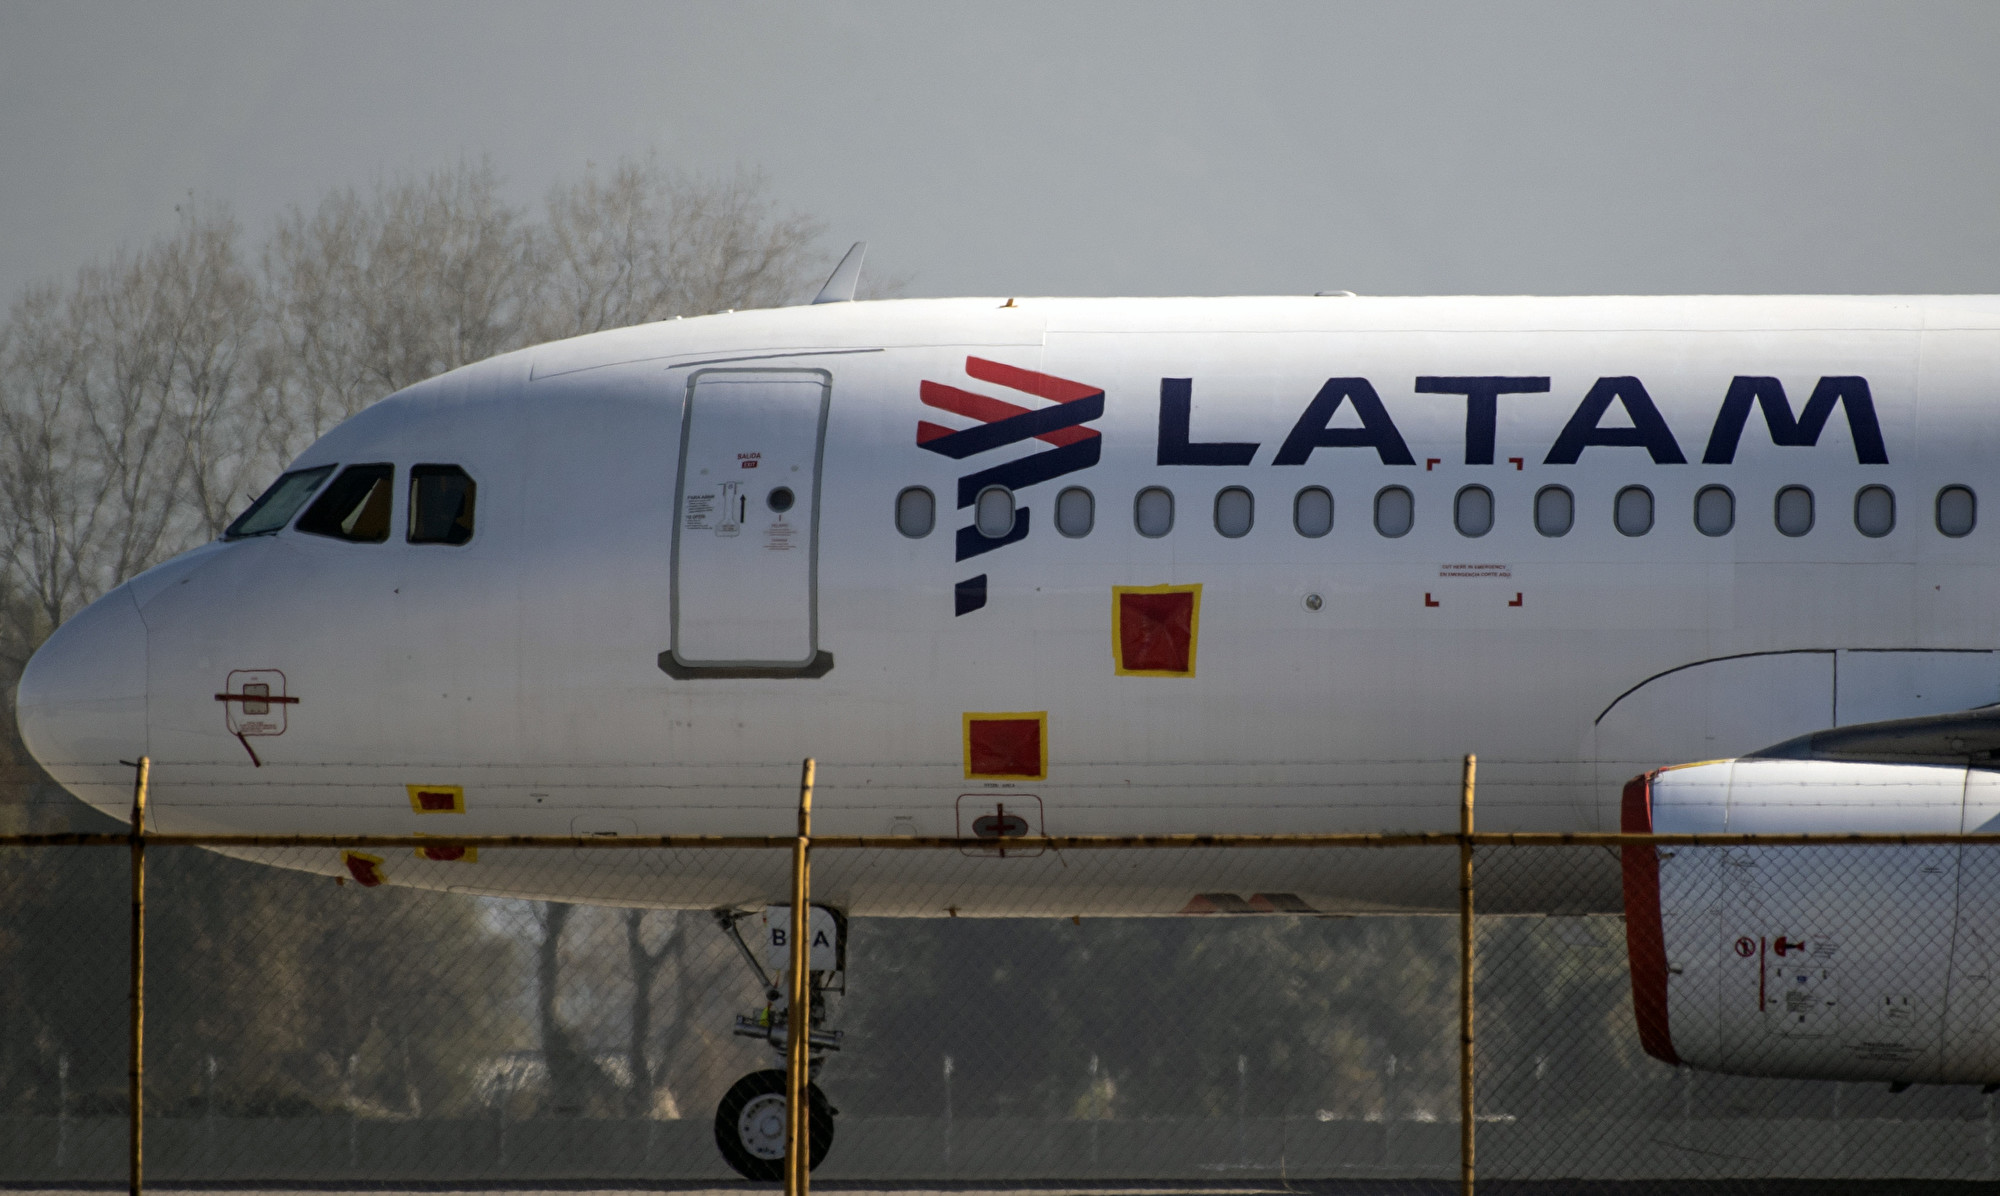 受疫情影響,南美航空(LATAM)在美國聲請破產。(MARTIN BERNETTI / AFP)